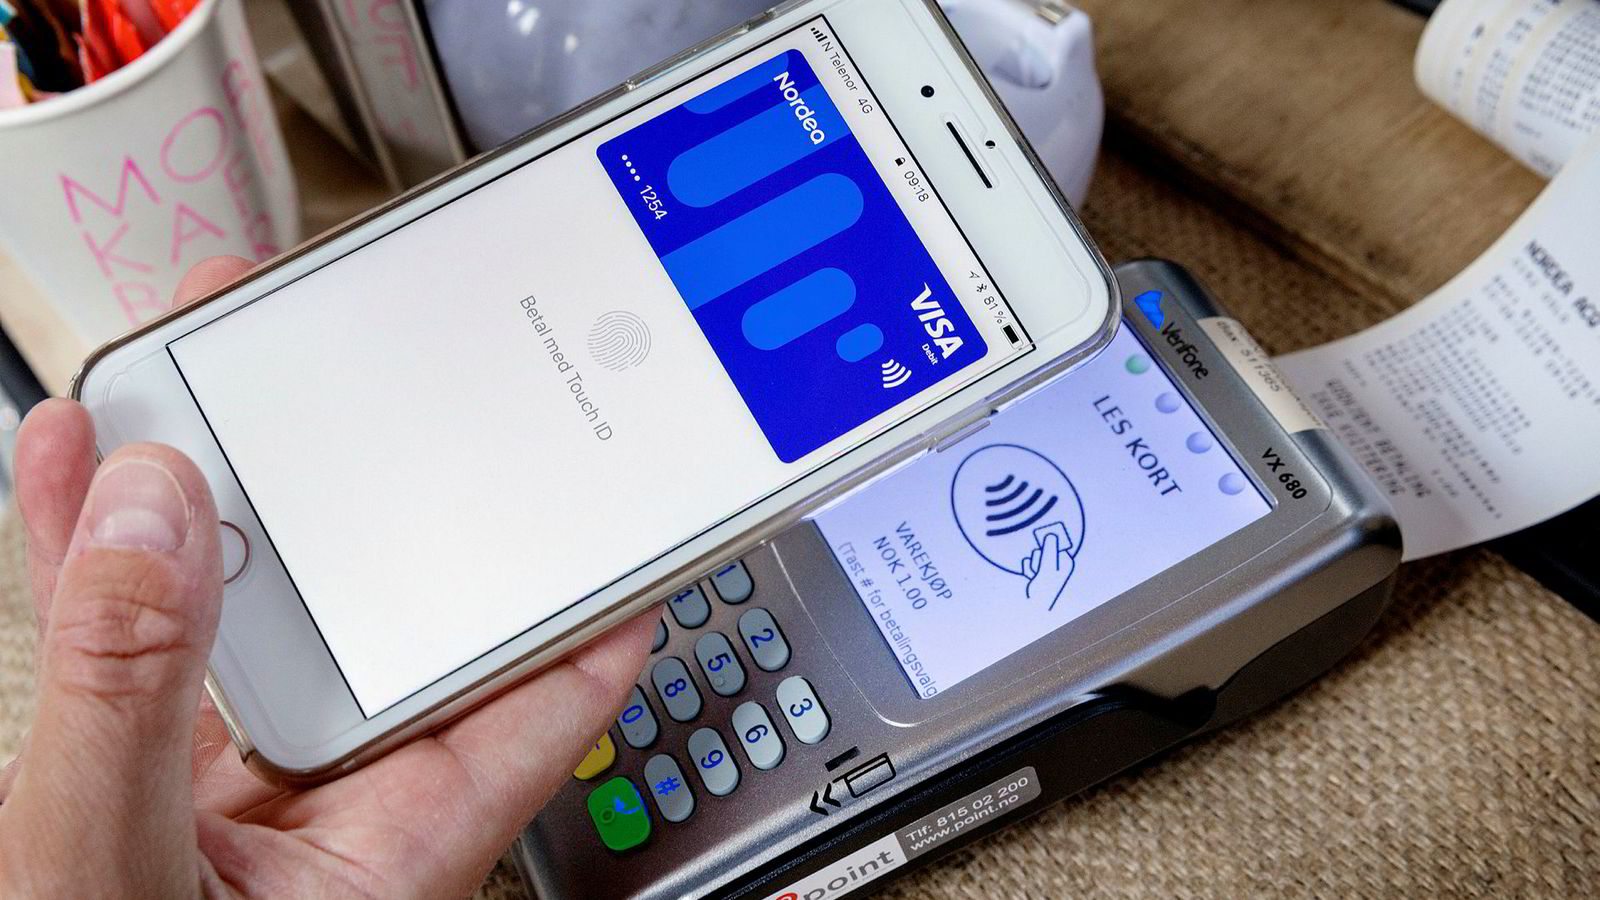 Apple Pay kan være konkurransevridende i Norge dersom de blokkerer sine brukere fra å bruke andre betalingstjenester.